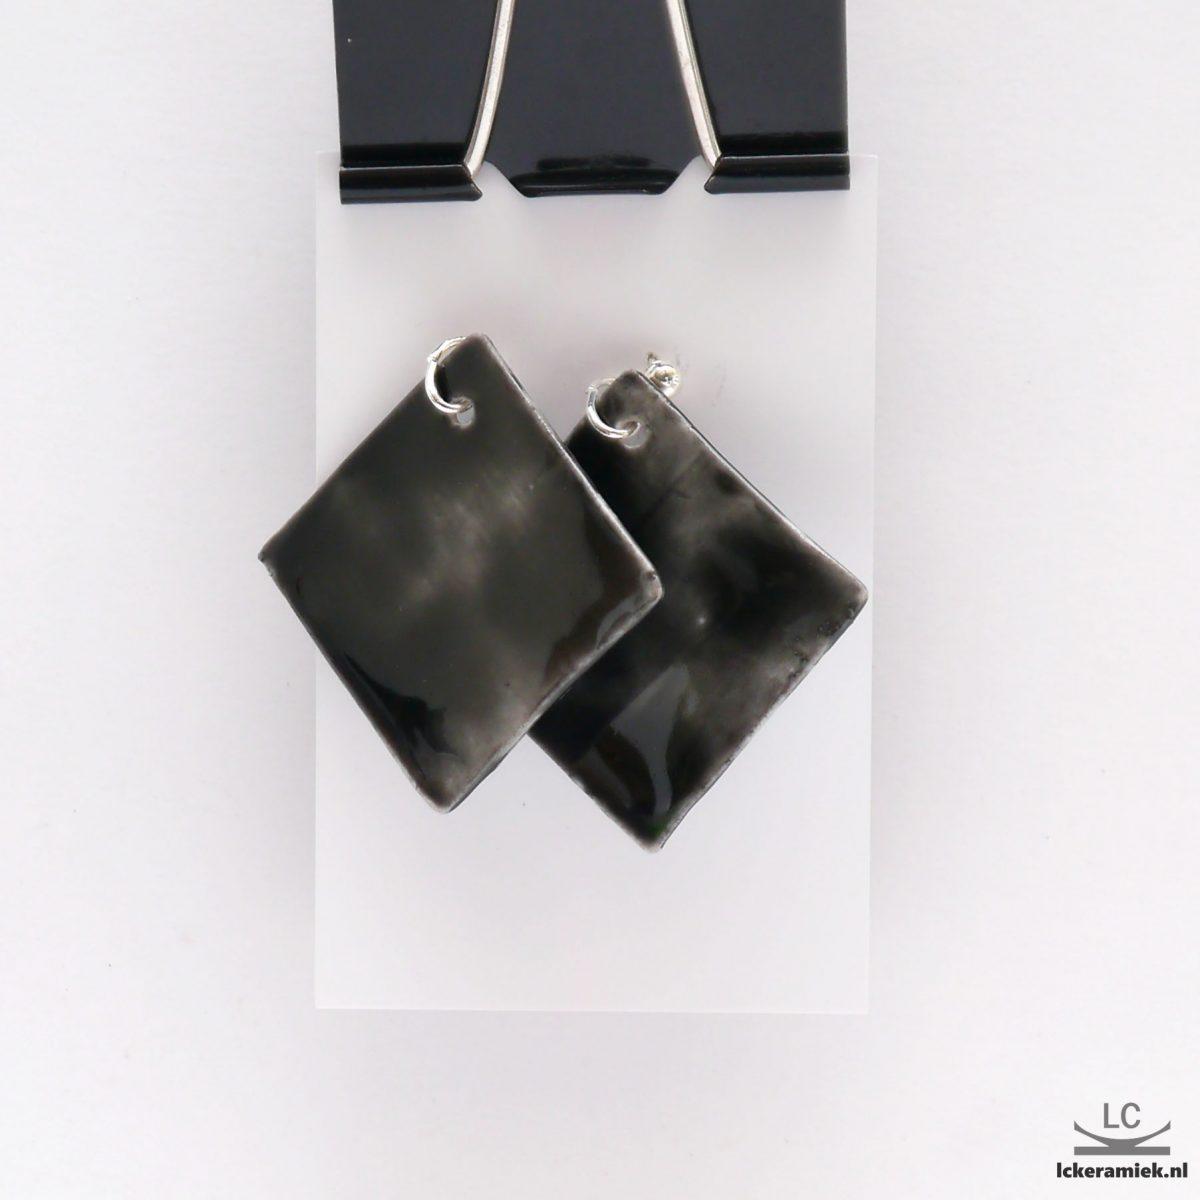 vierkante porseleinen oorbellen barentszee